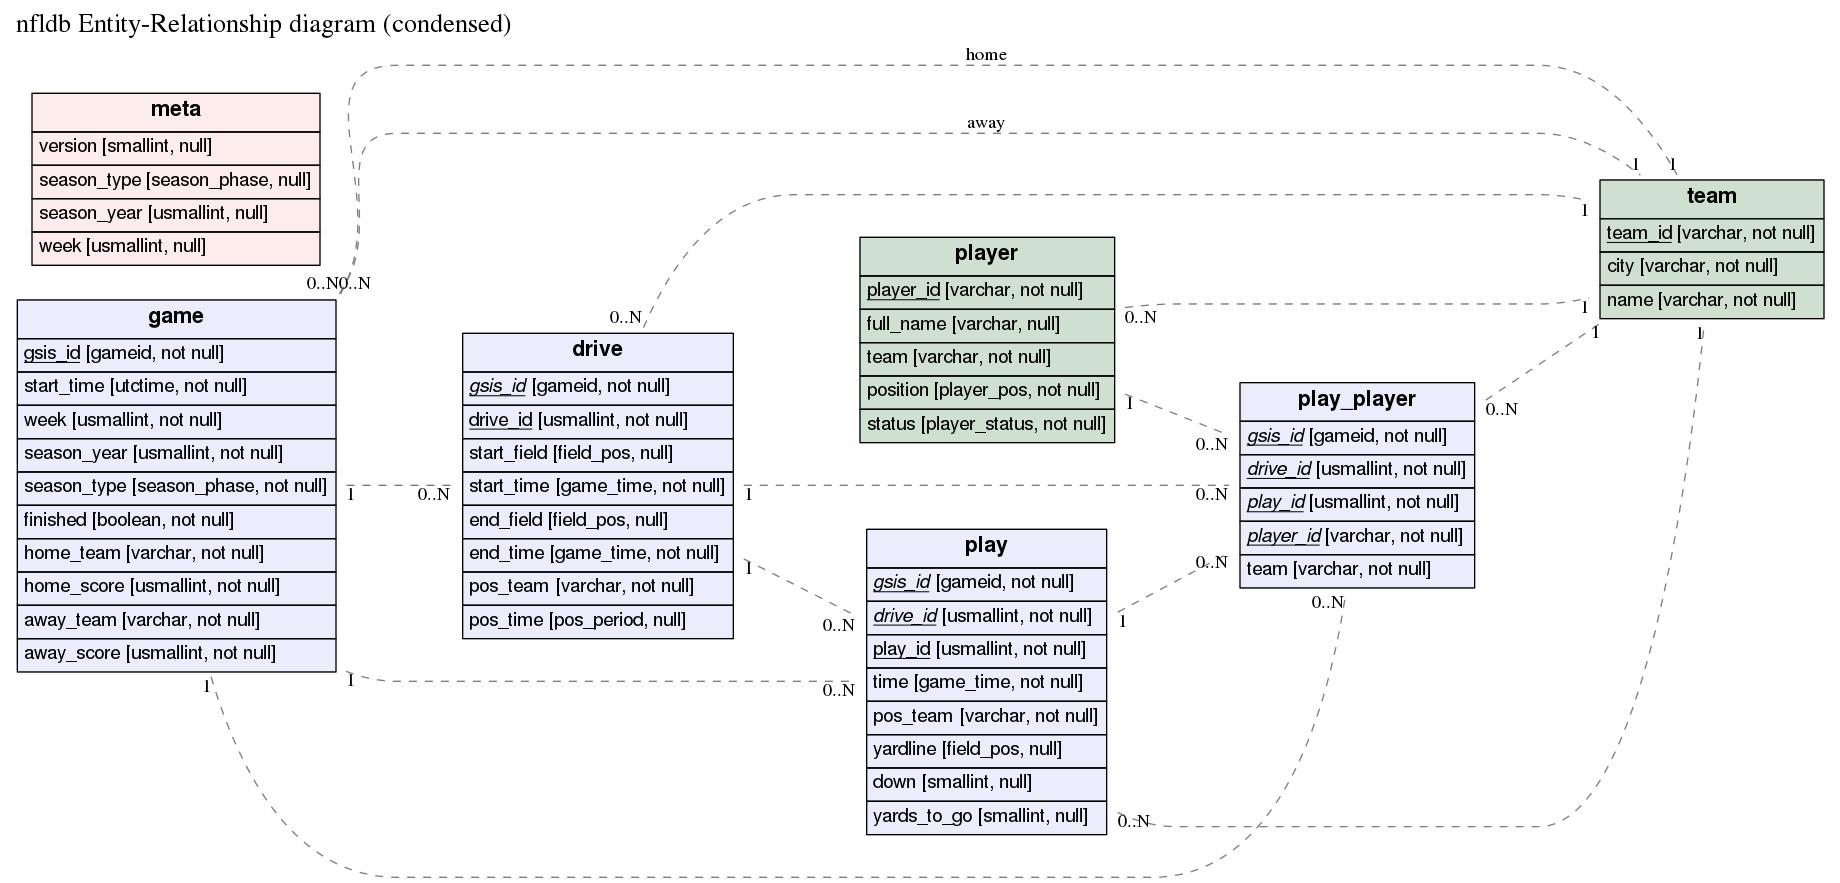 ER diagram for nfldb